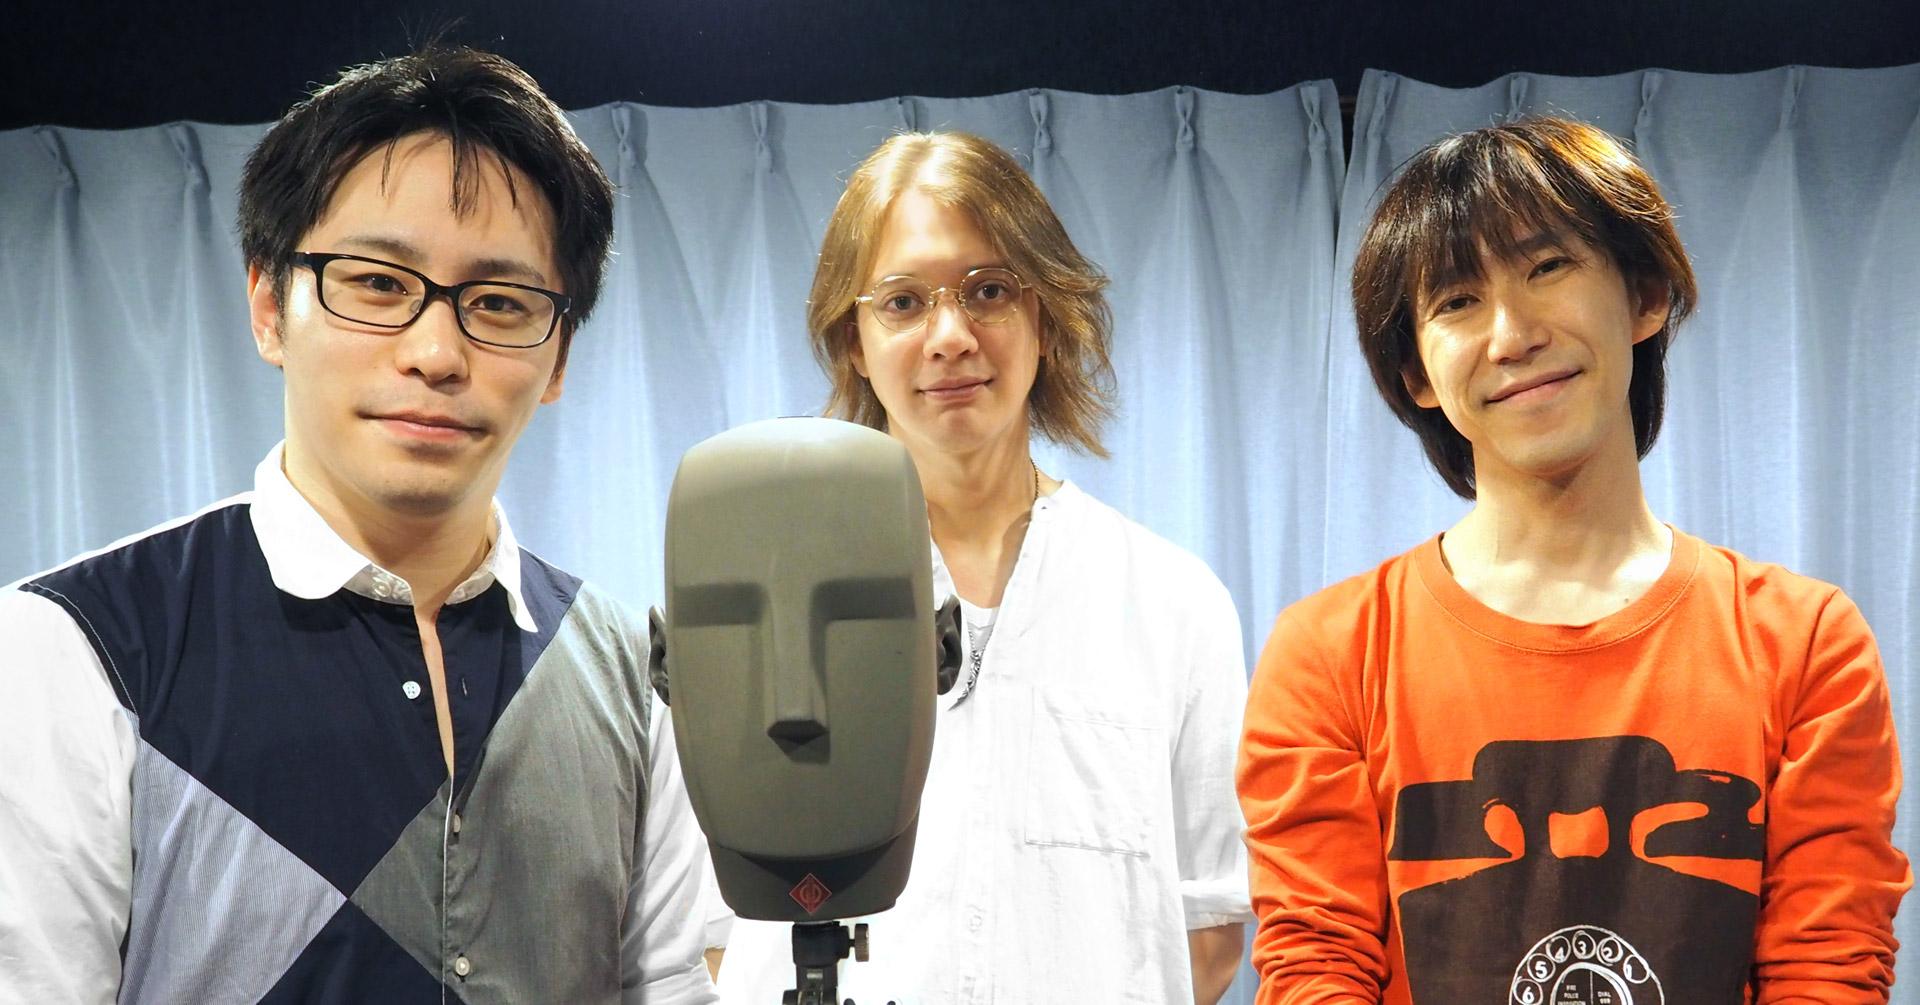 平川大輔さんとともに、出演者の九埜りゅうまさん、パディ・ライアンさん